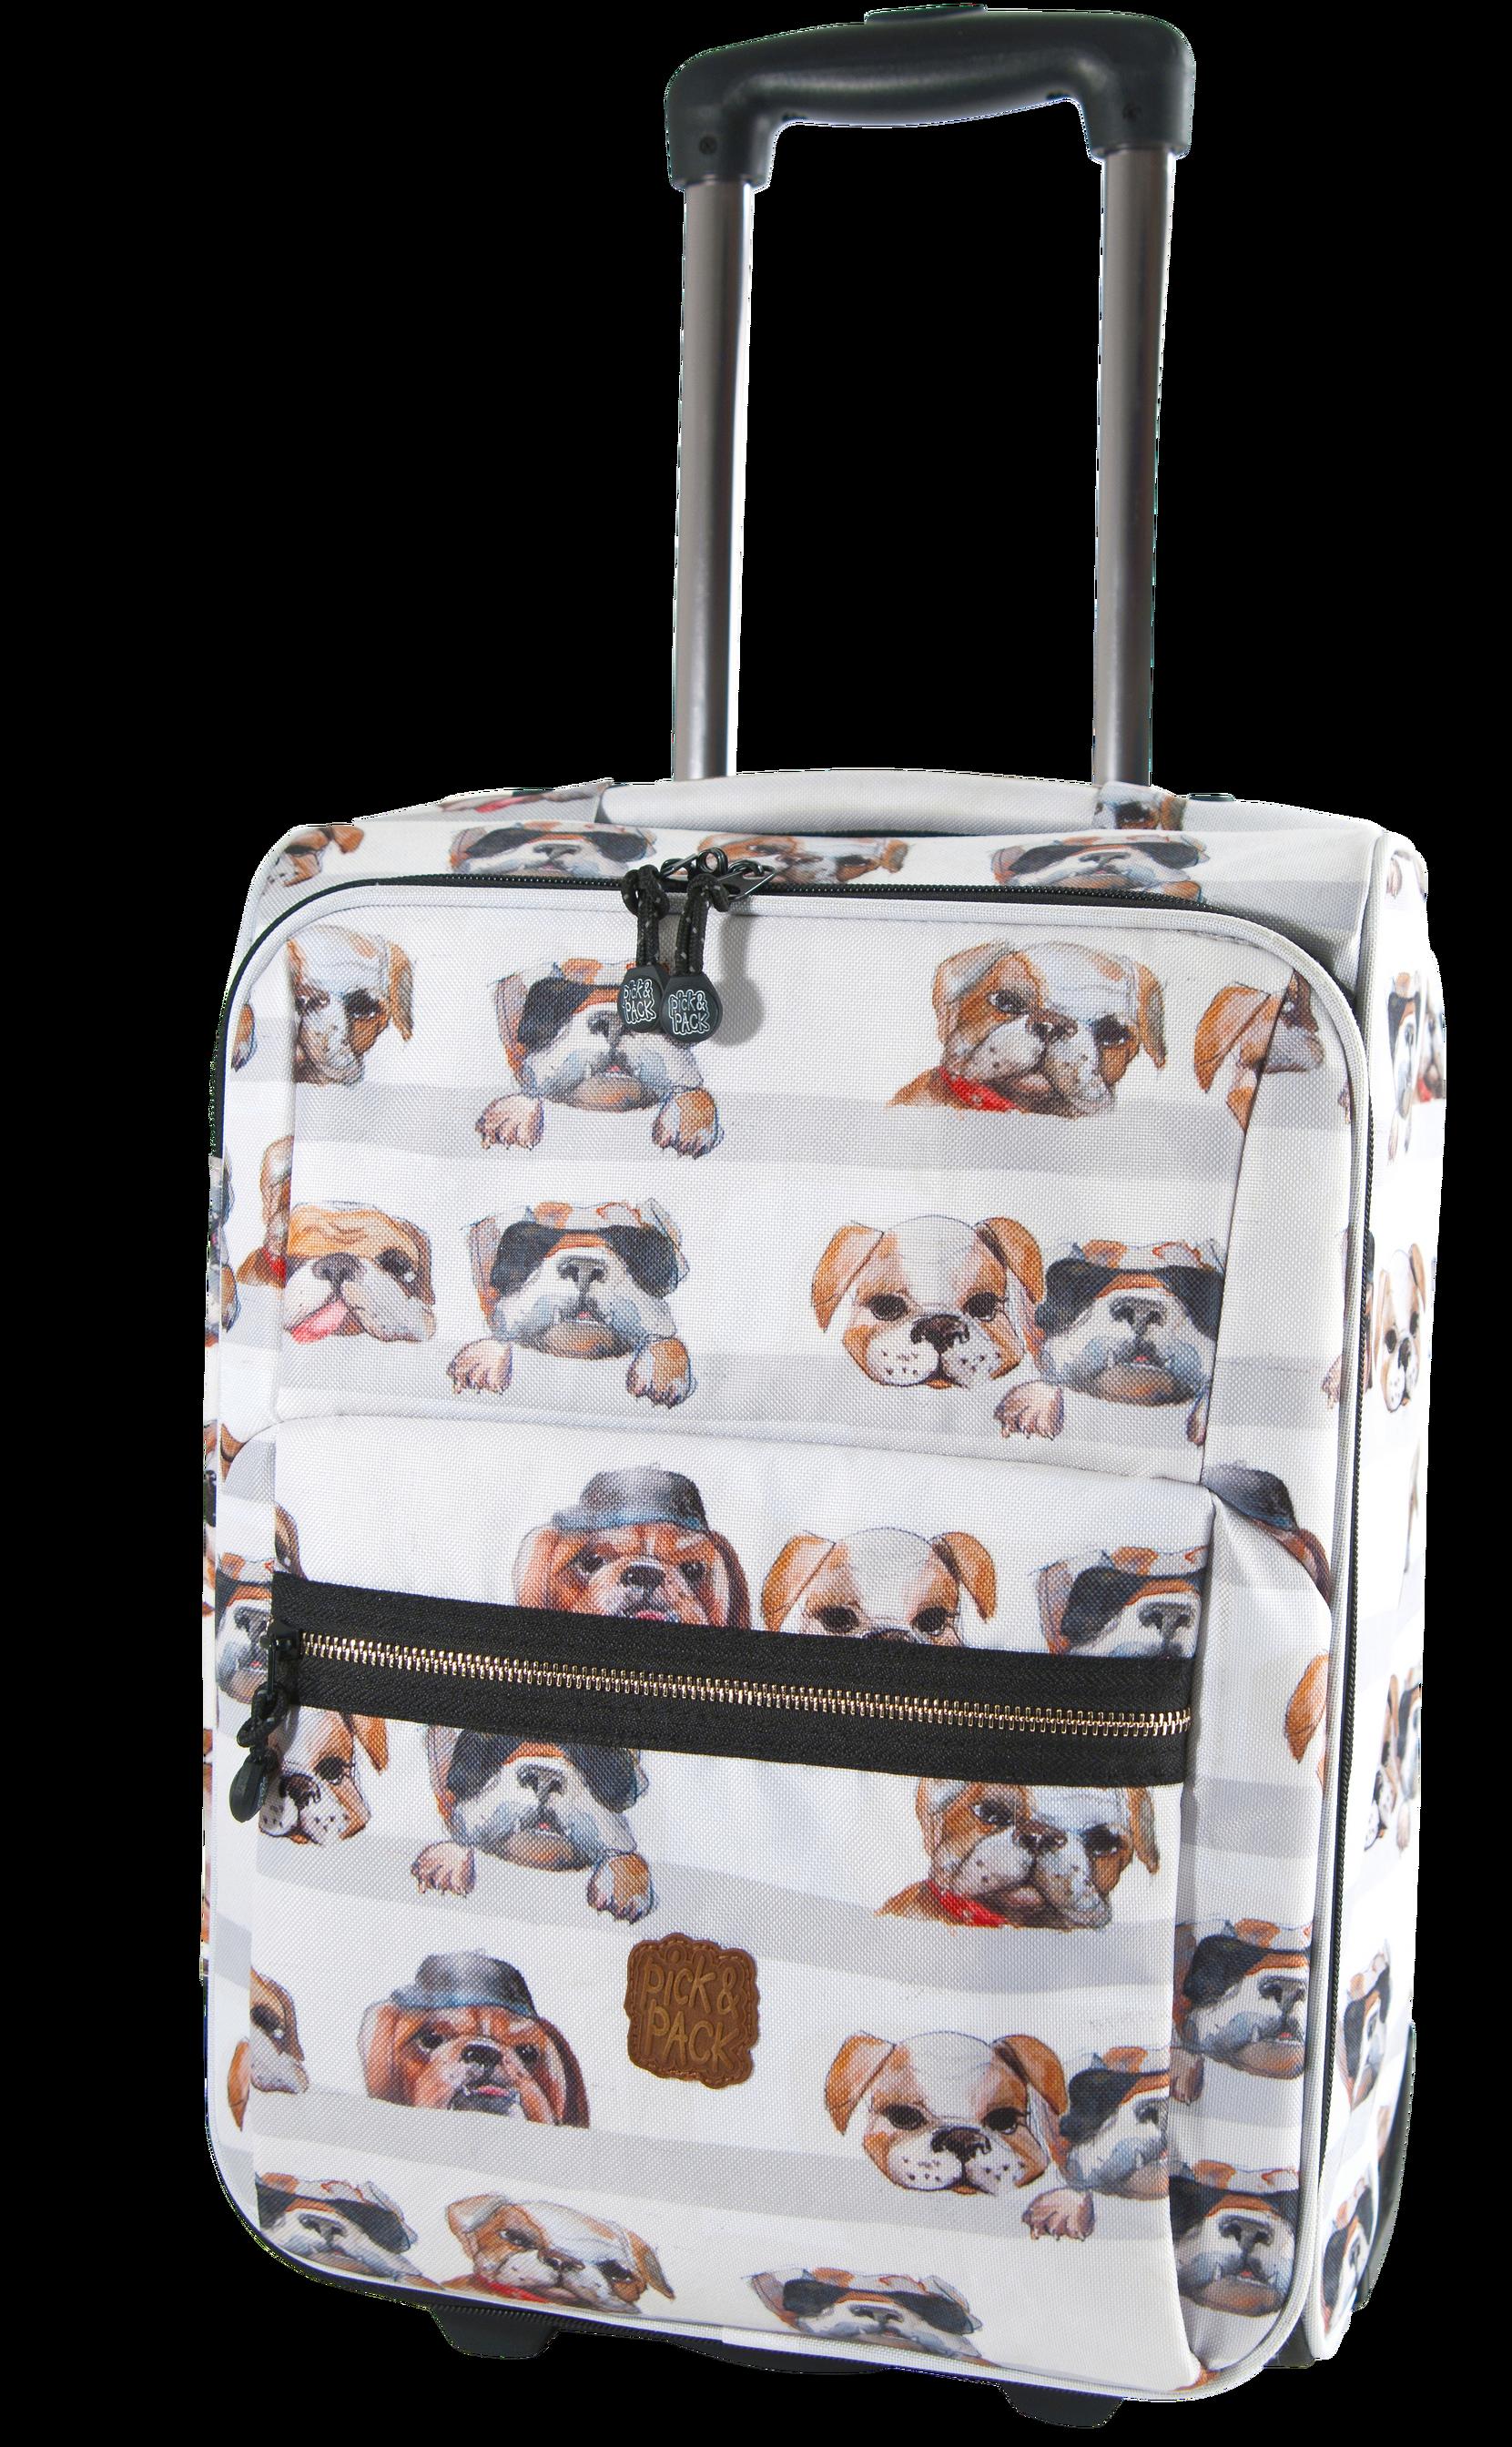 Dogs-matkalaukku